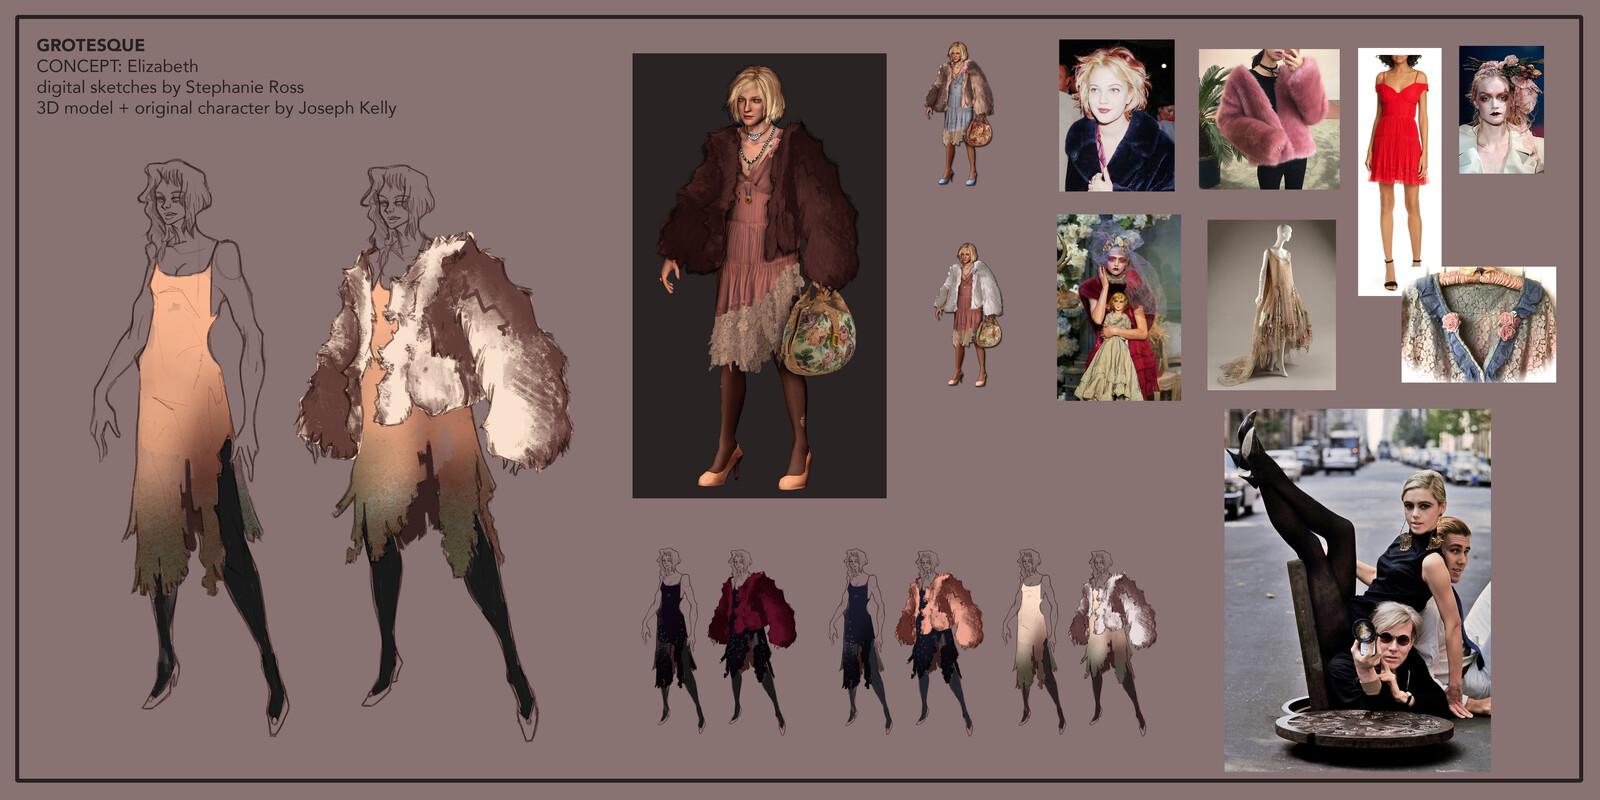 Grotesque: Elizabeth concept